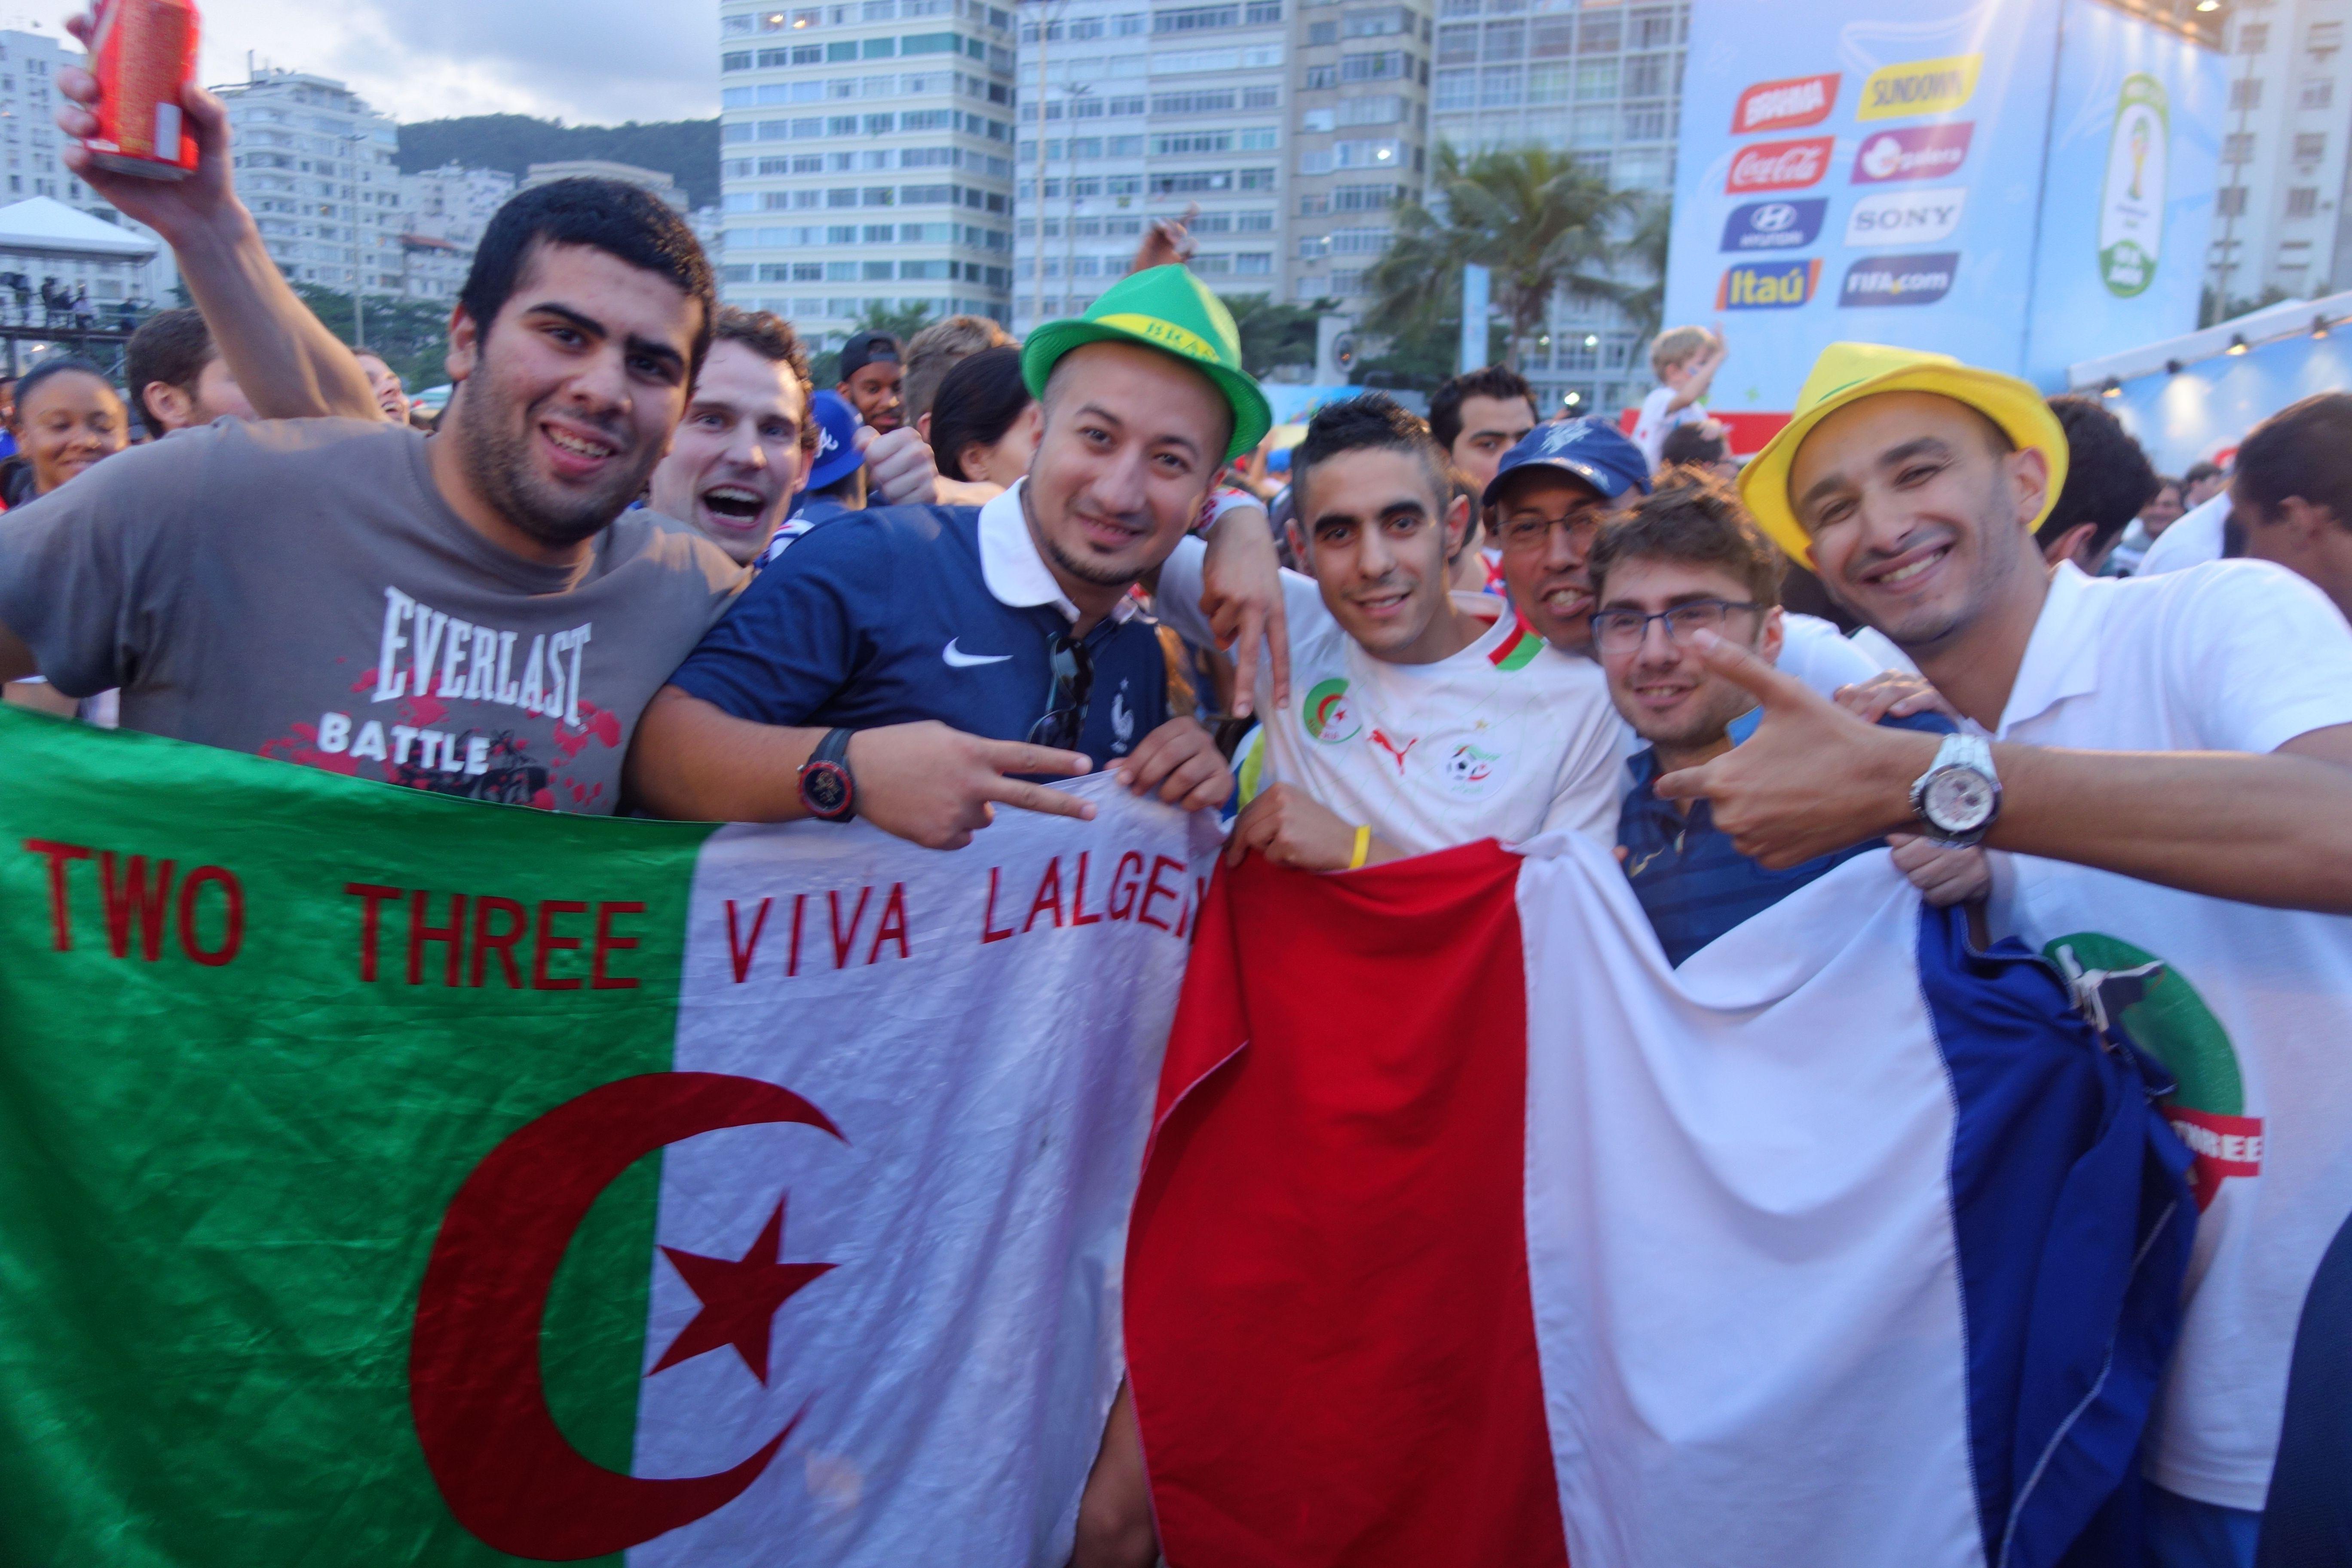 Coupe du Monde de Football: France - Suisse du cote de Copacabana a Rio de Janeiro. Algeriens et Français ensembles pour chanter la Marseillaise, c´etait BEAU!!!